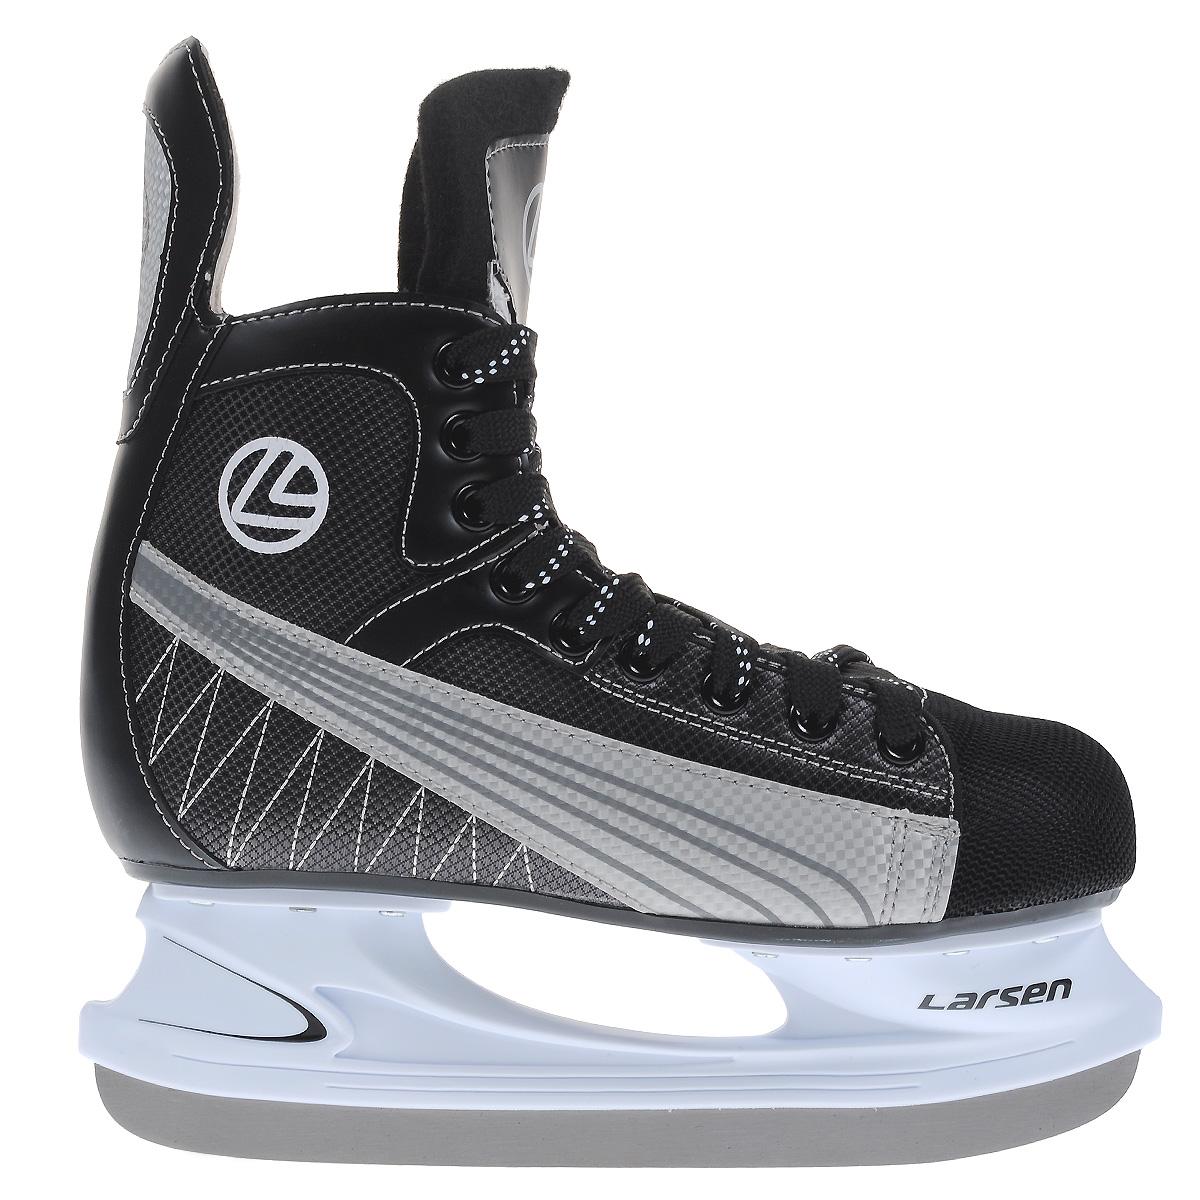 Larsen Коньки хоккейные Tornado